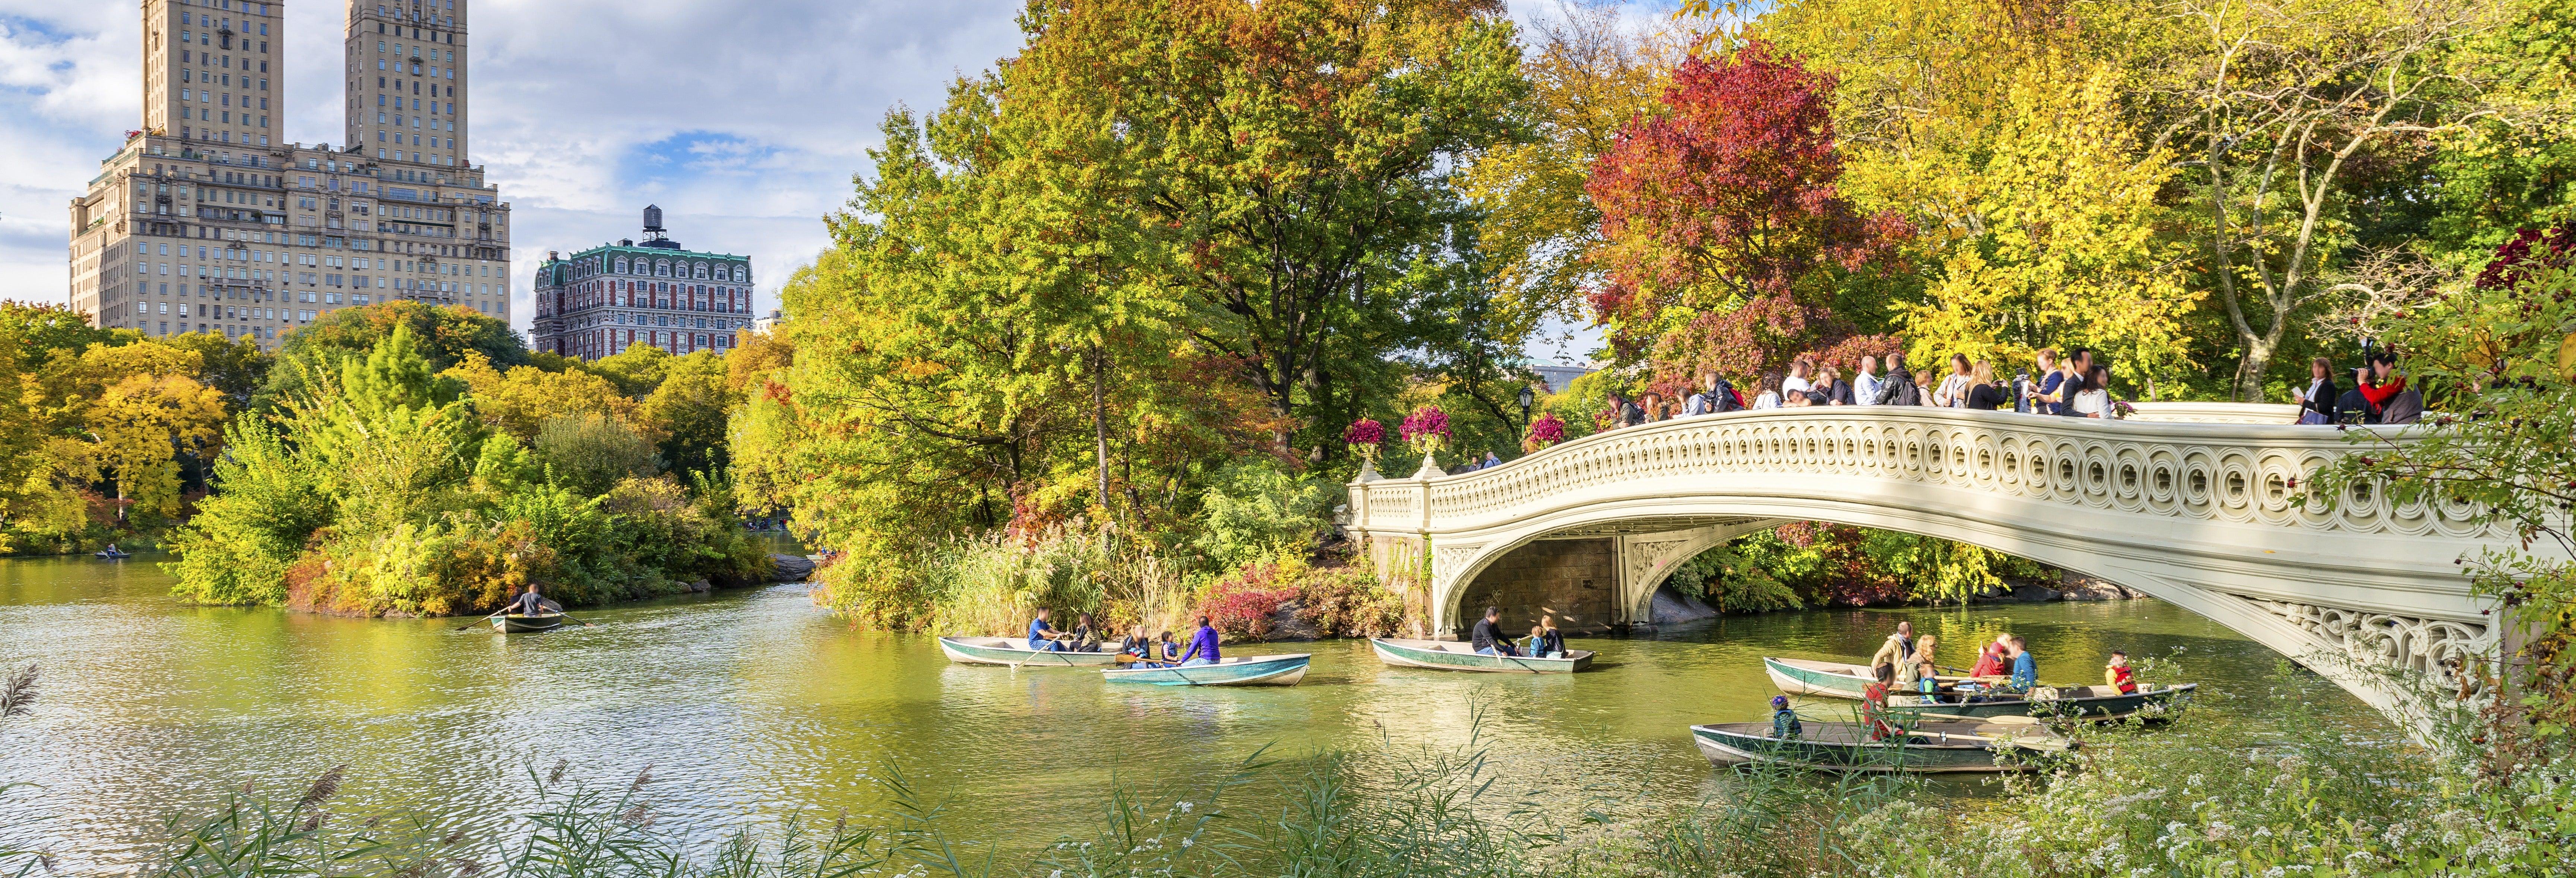 Visite à travers les scènes de films et de séries de Central Park